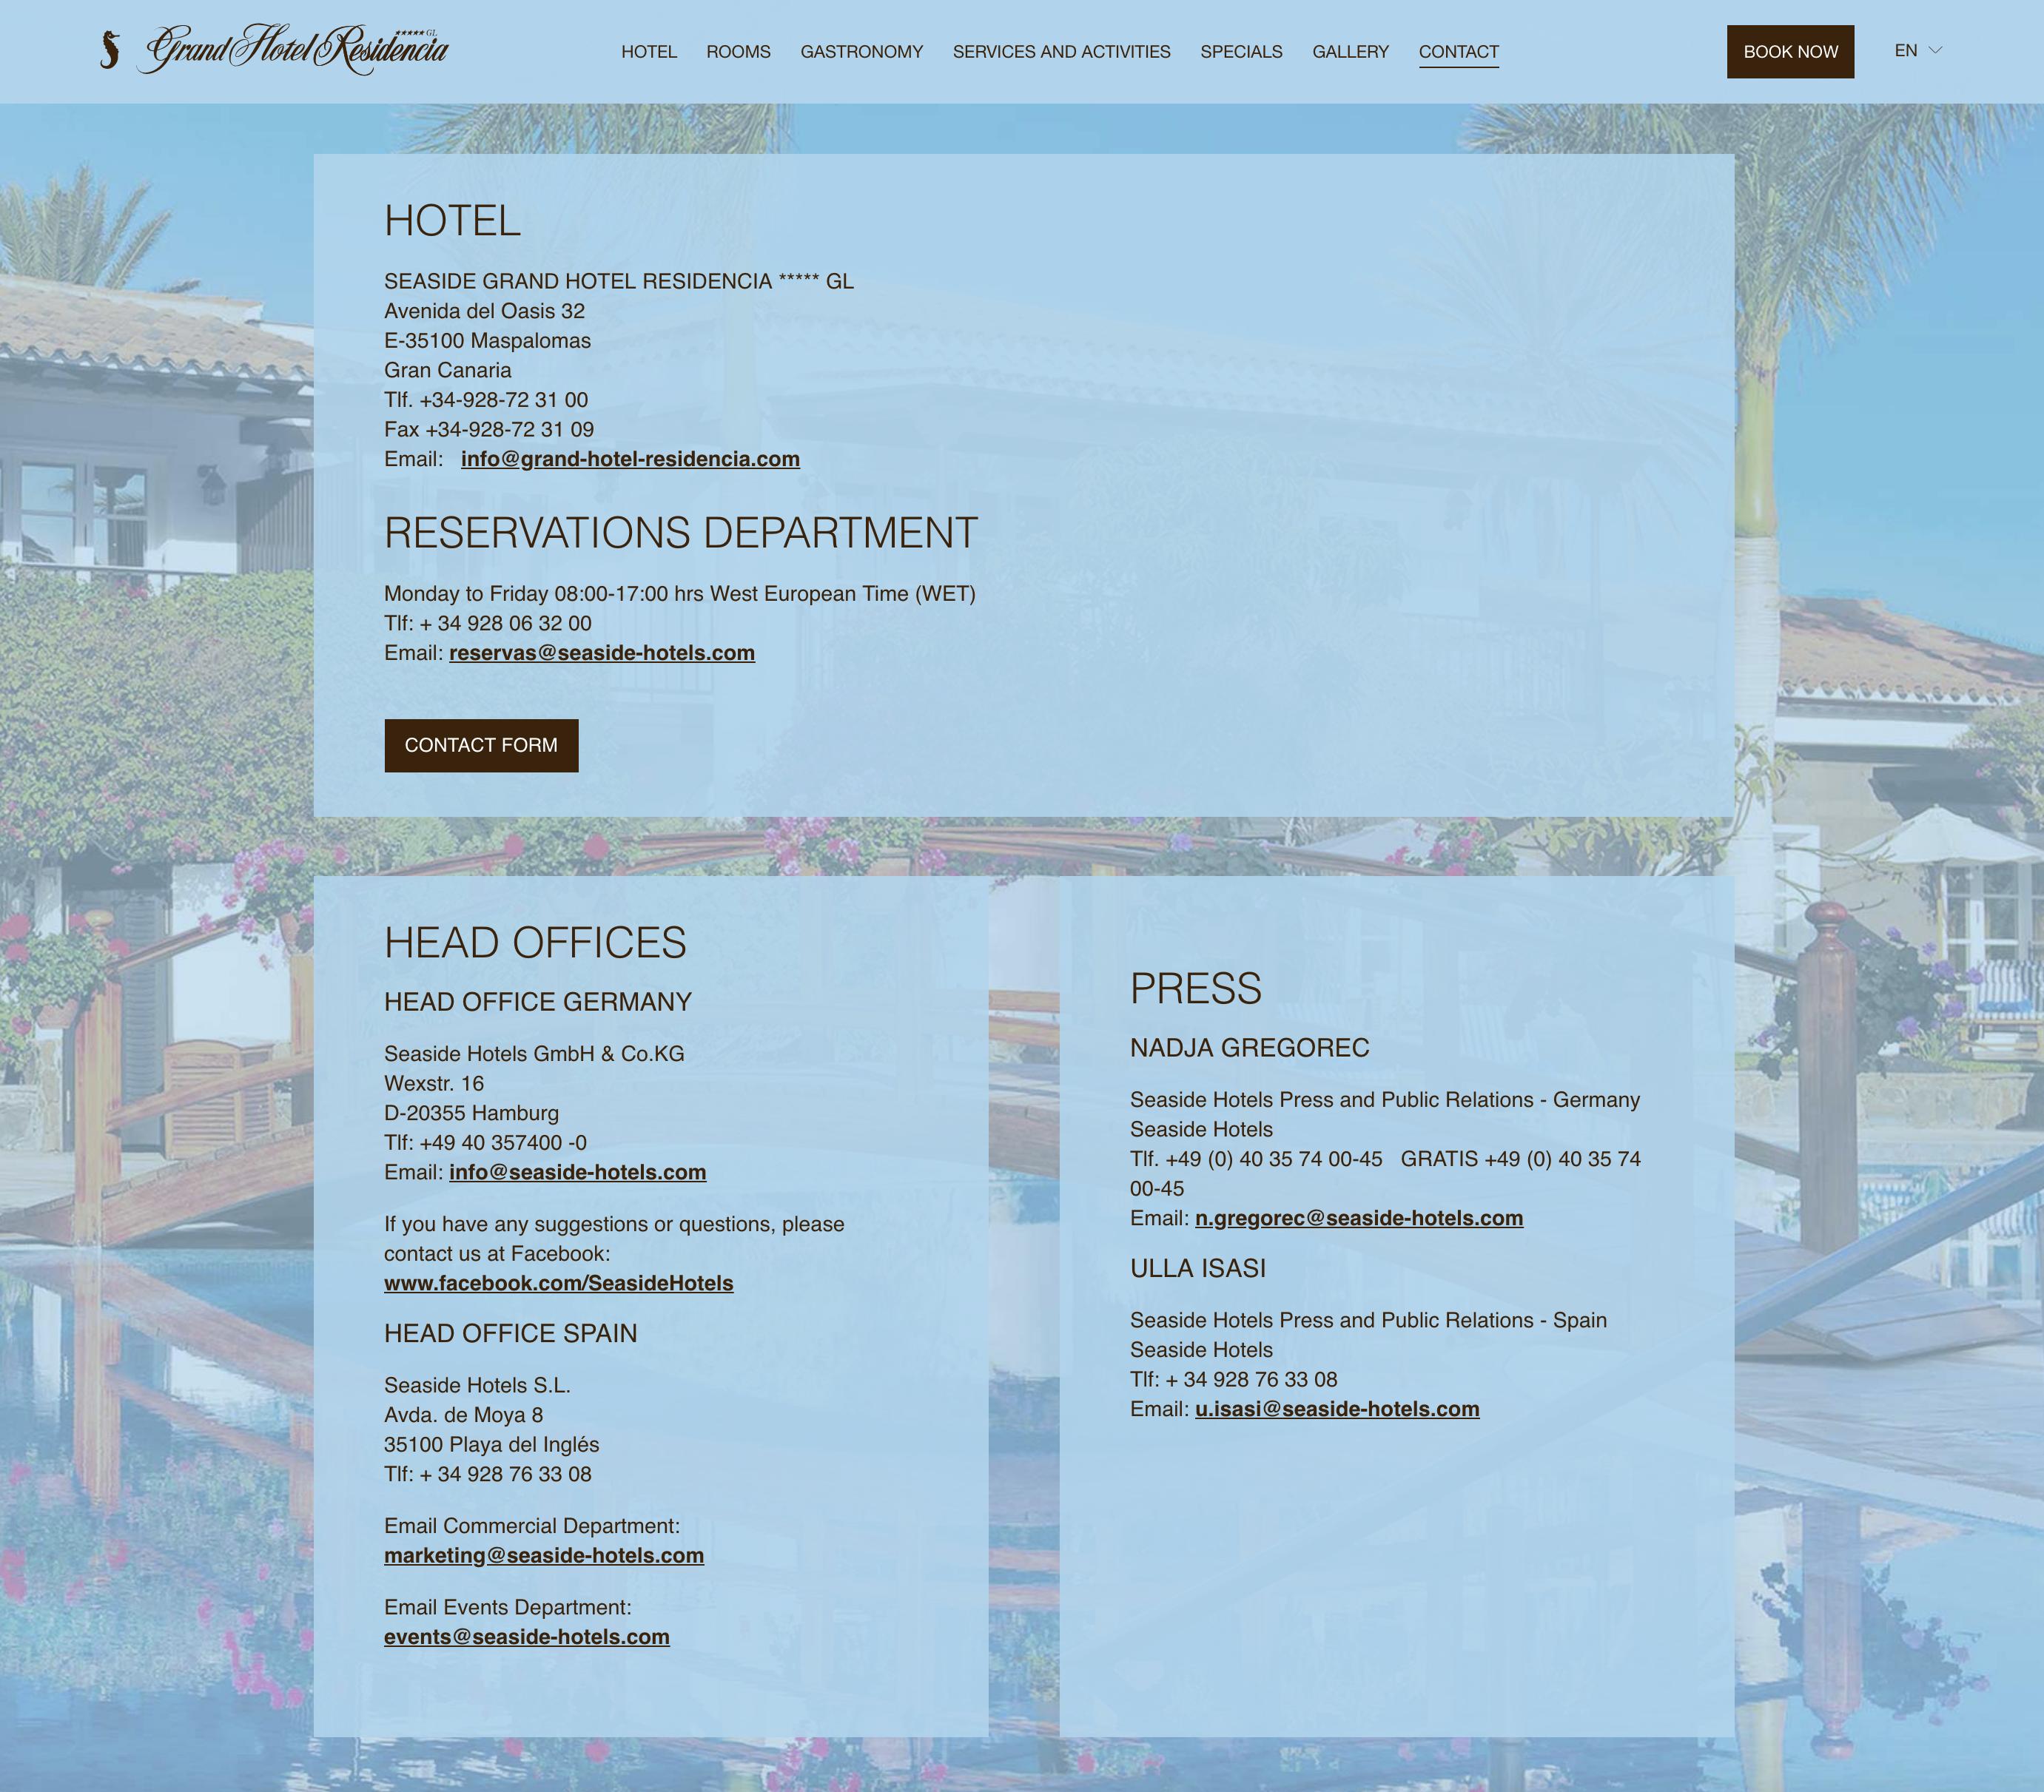 Apartado de contacto en Seaside Grand Hotel Residencia